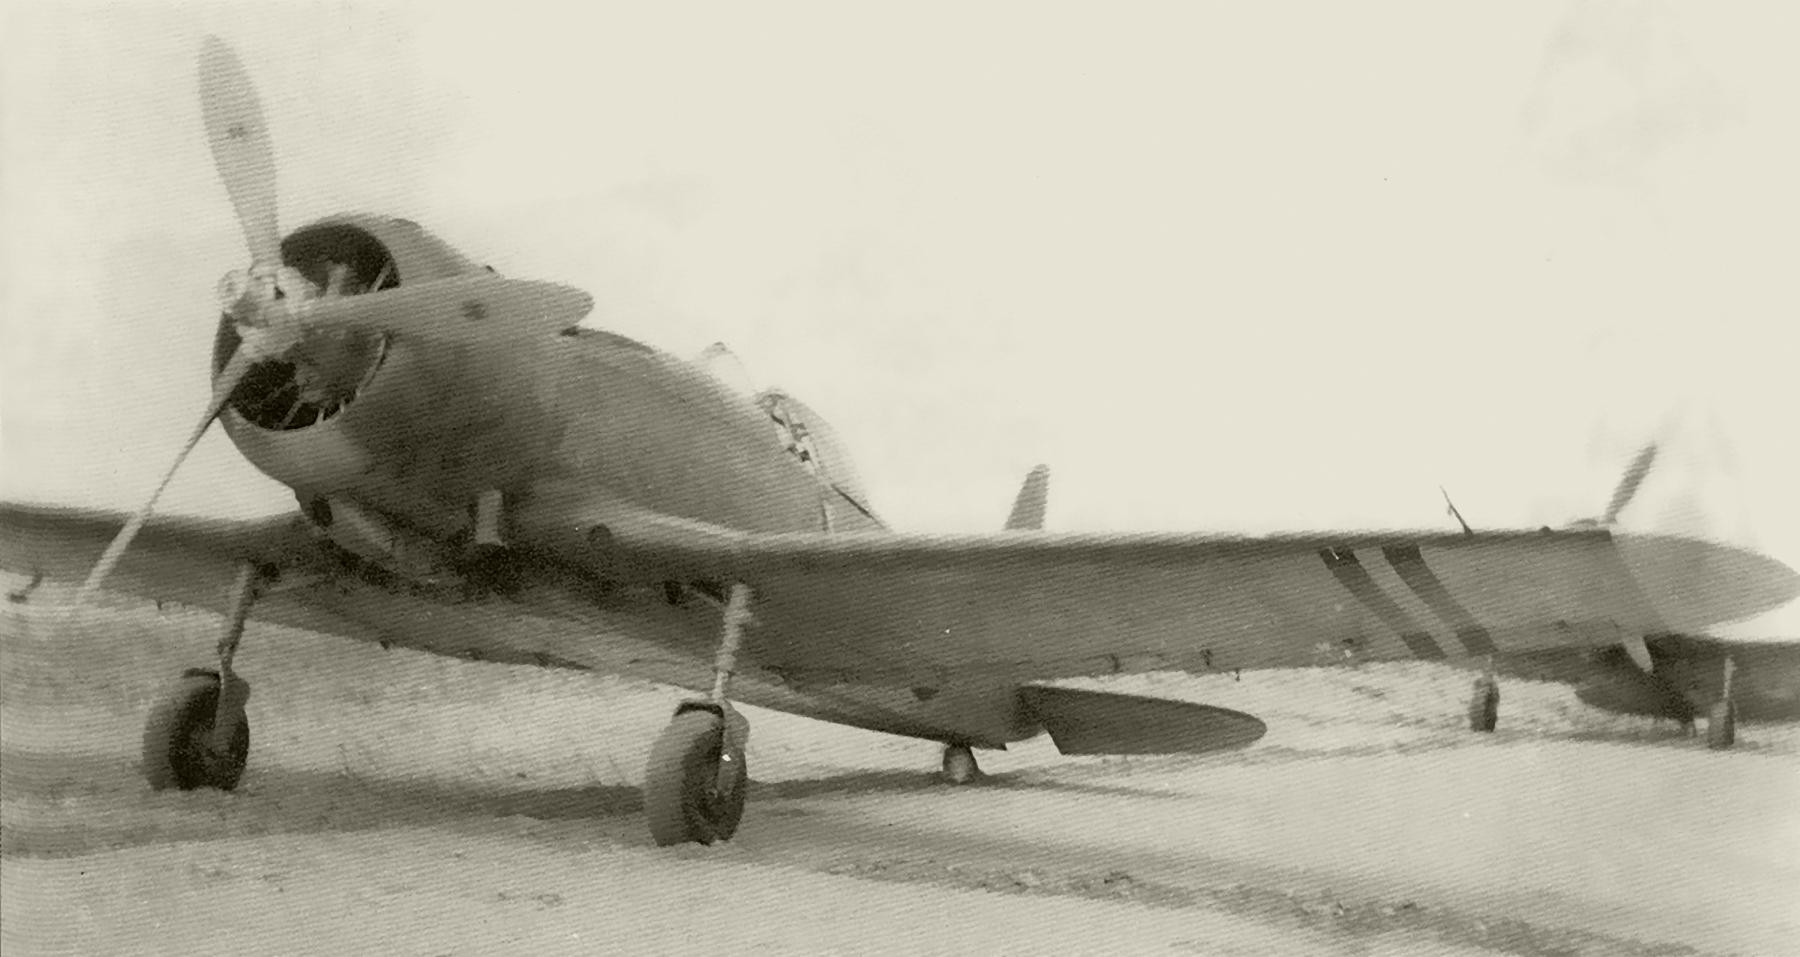 Fiat G50 Aviazione Legionaria 13 Gruppo Caccia Esciona Spain May 1939 02